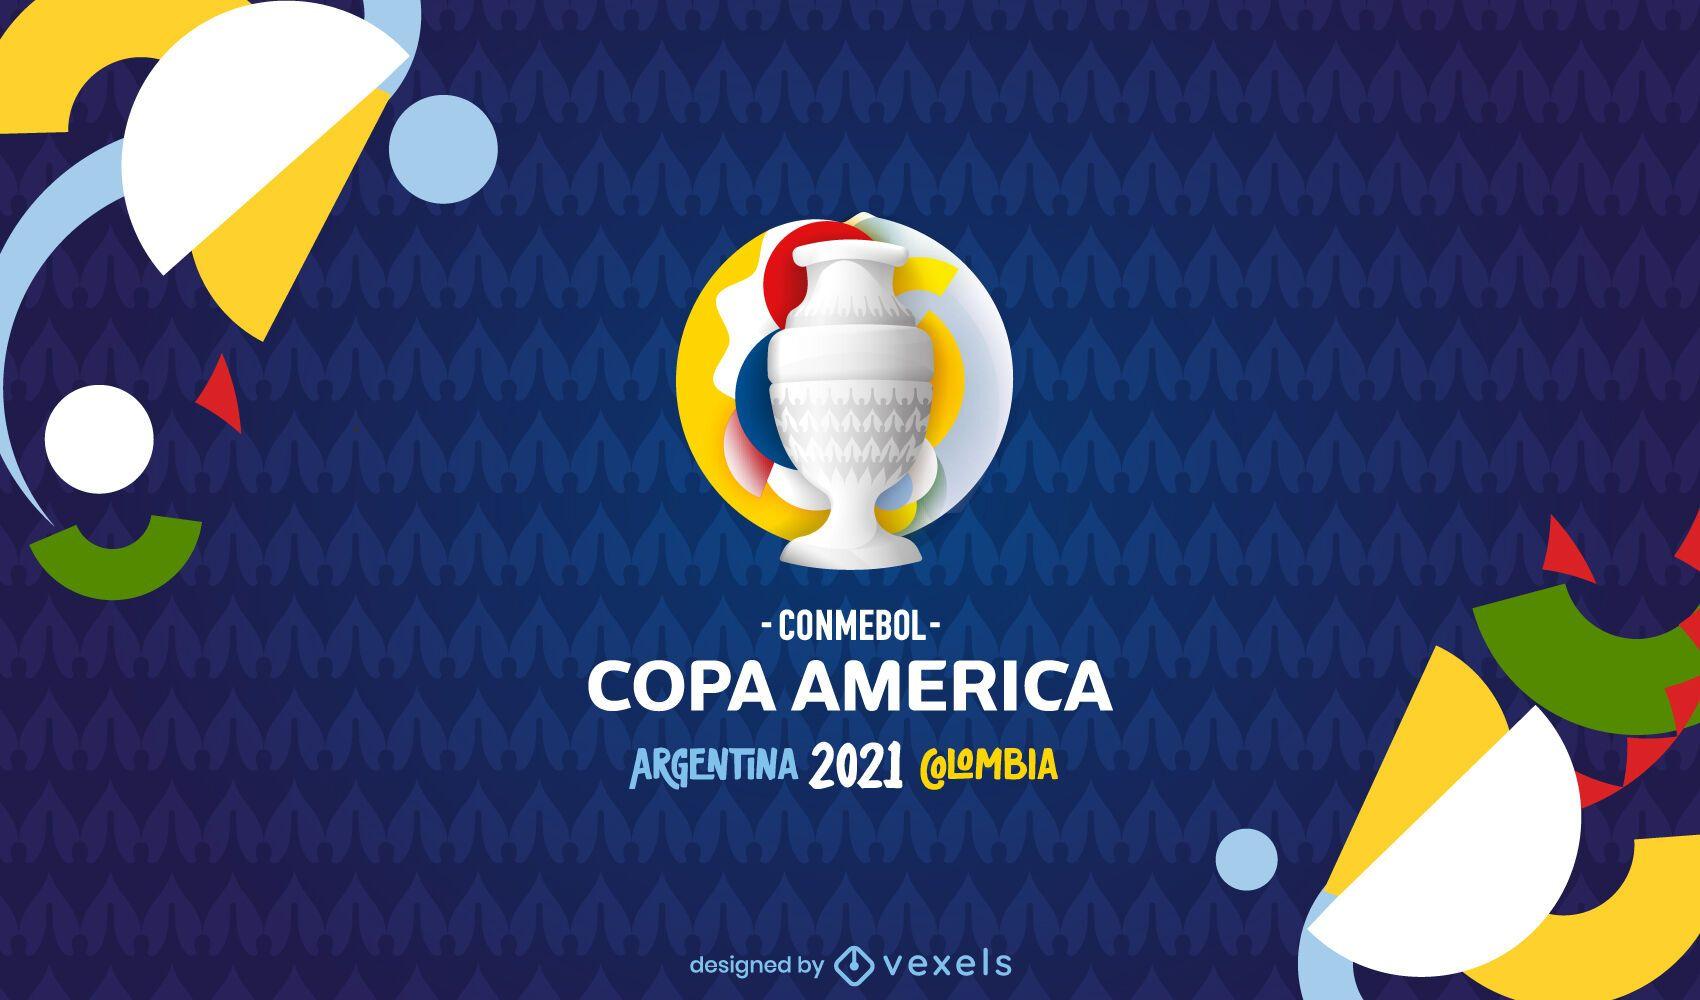 Projeto do plano de fundo da Copa america 2021